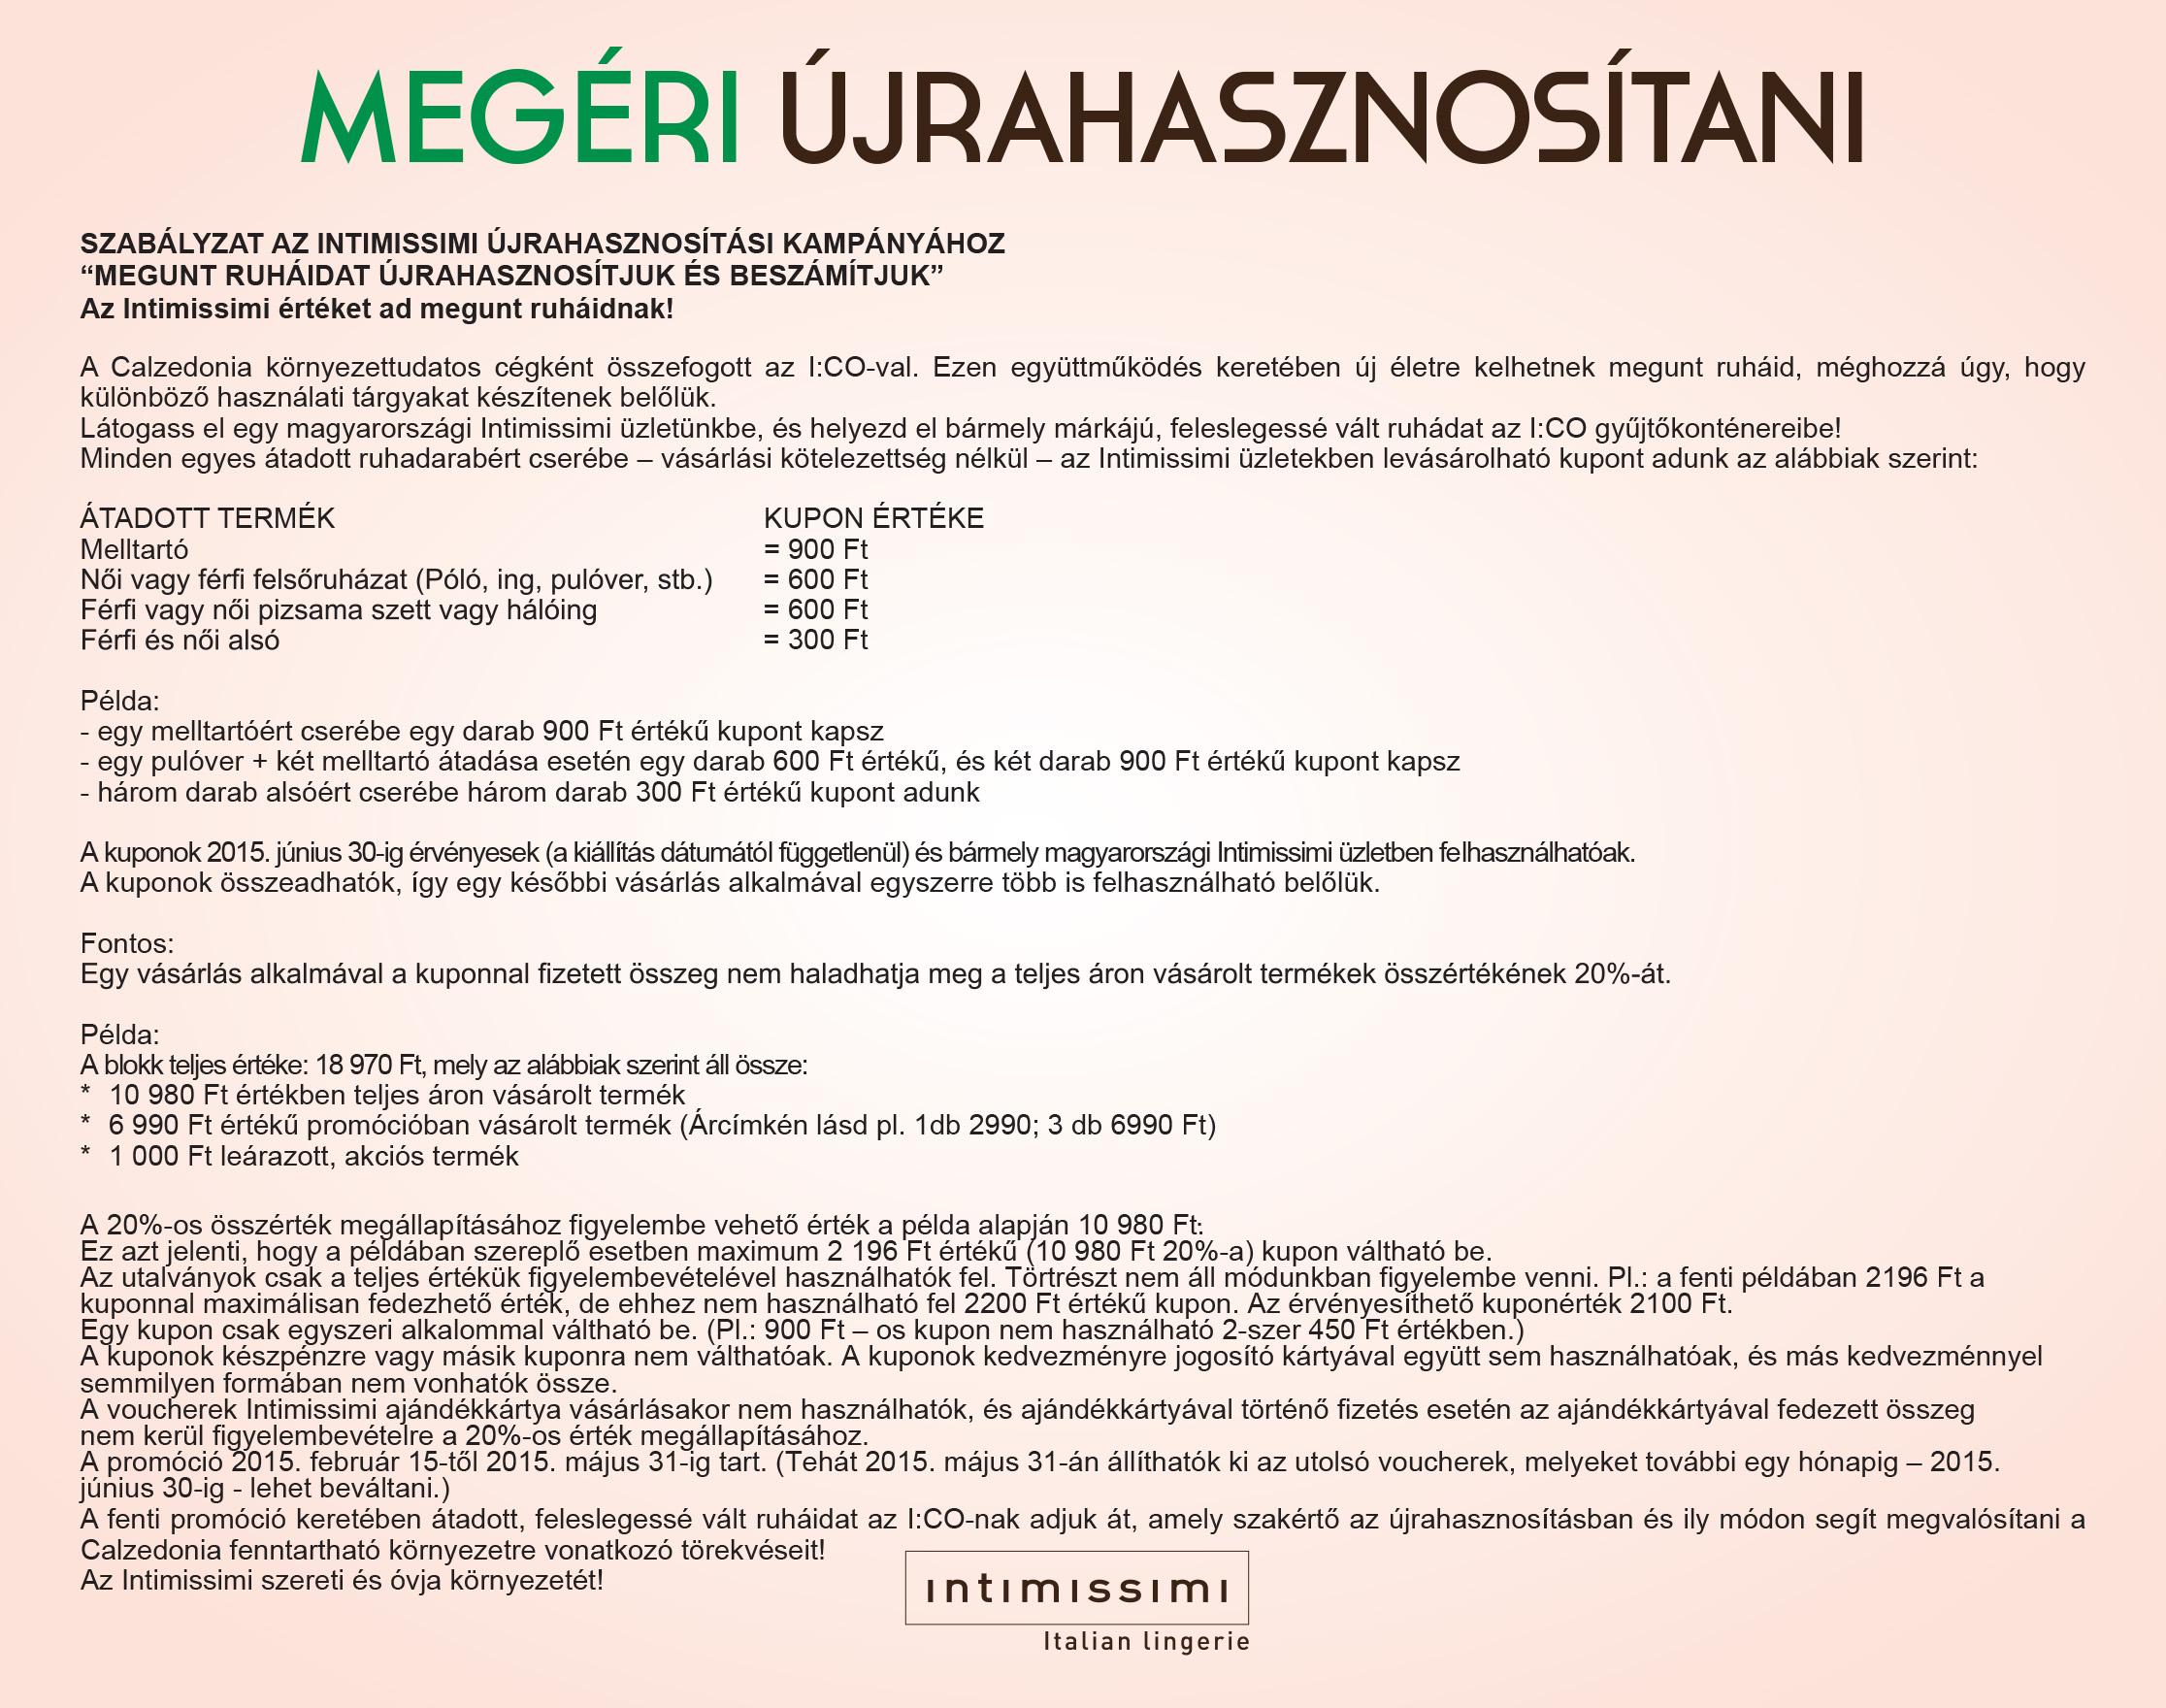 91492f9949 További információk a kampányról az Intimissimi oldalán.